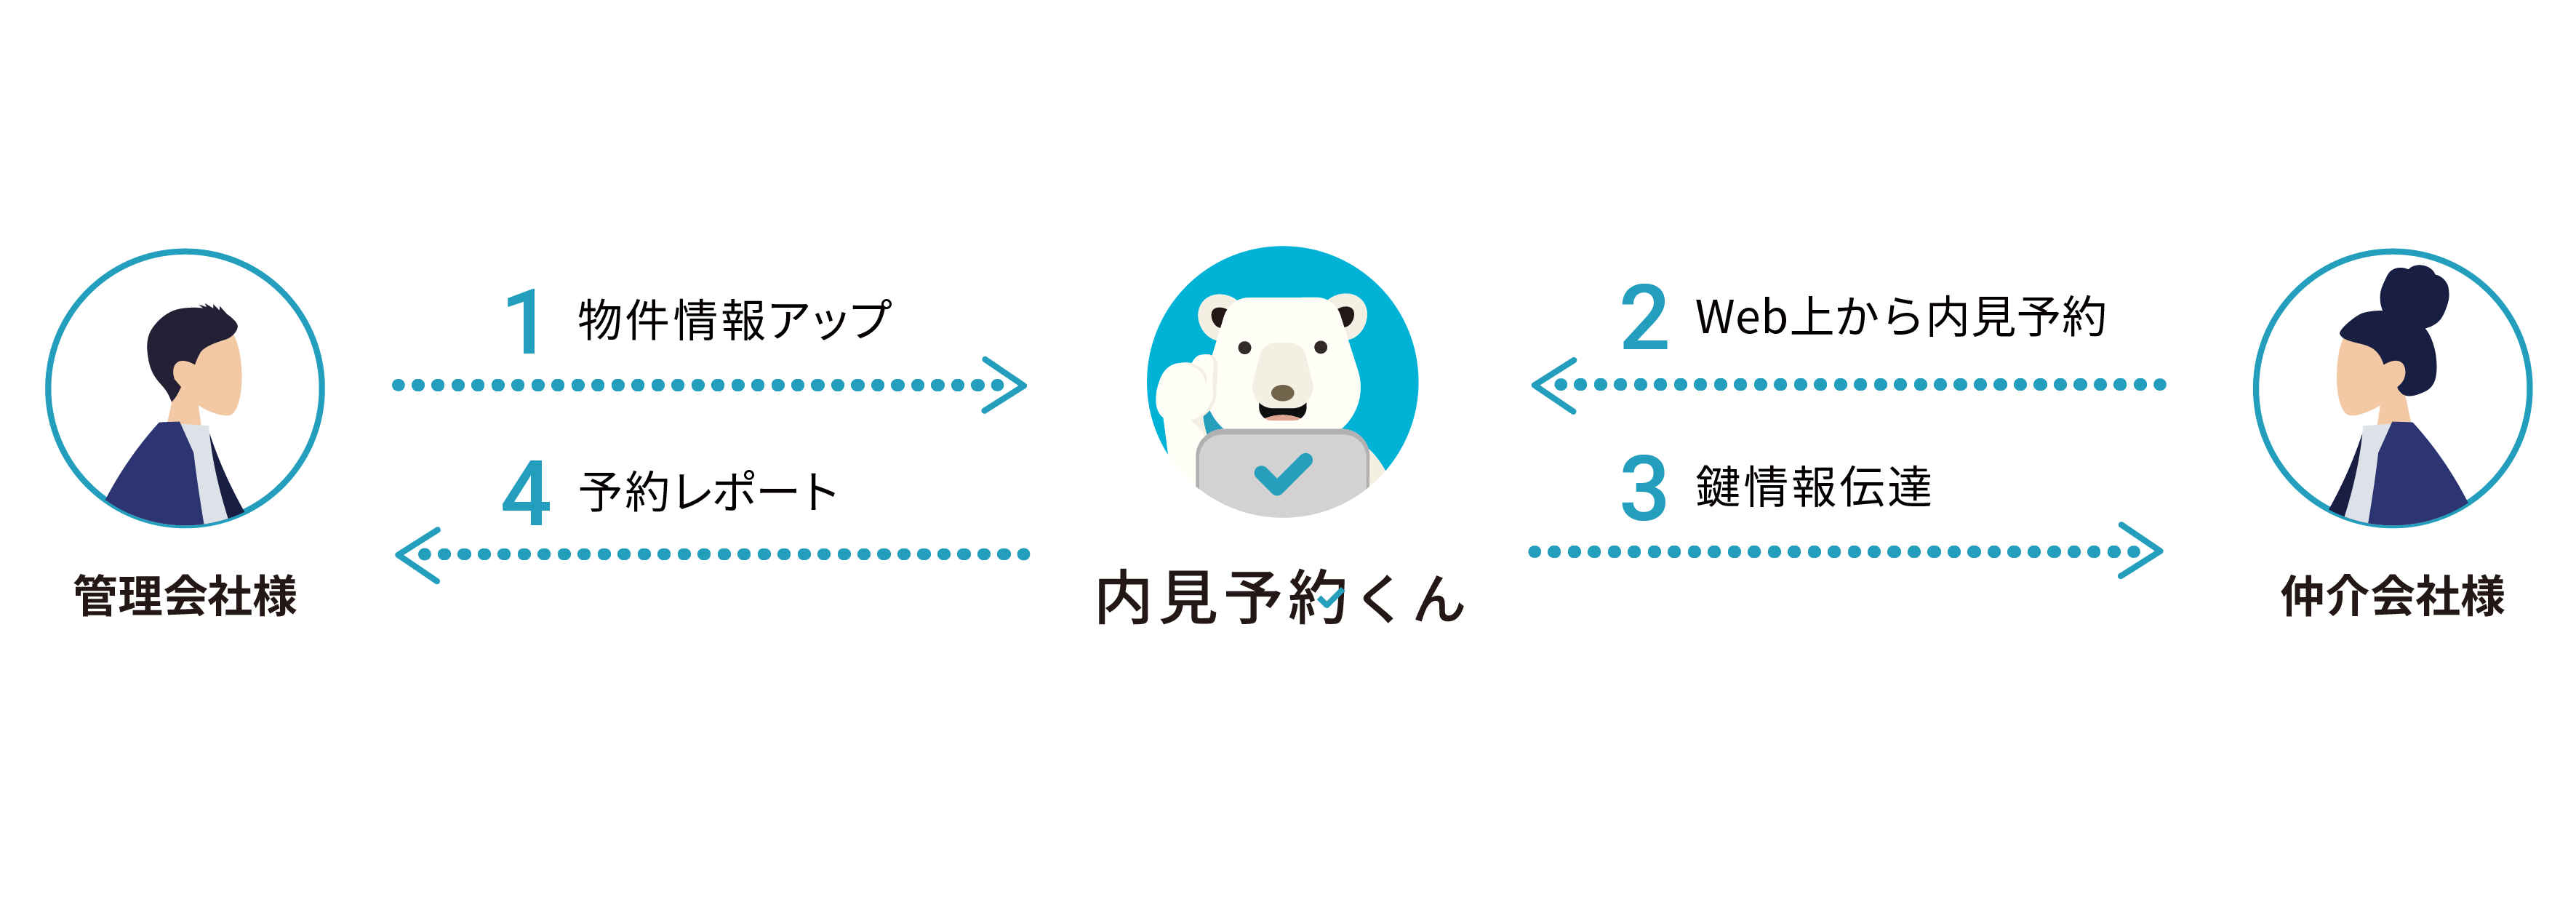 <「内見予約くん」サービスイメージ>